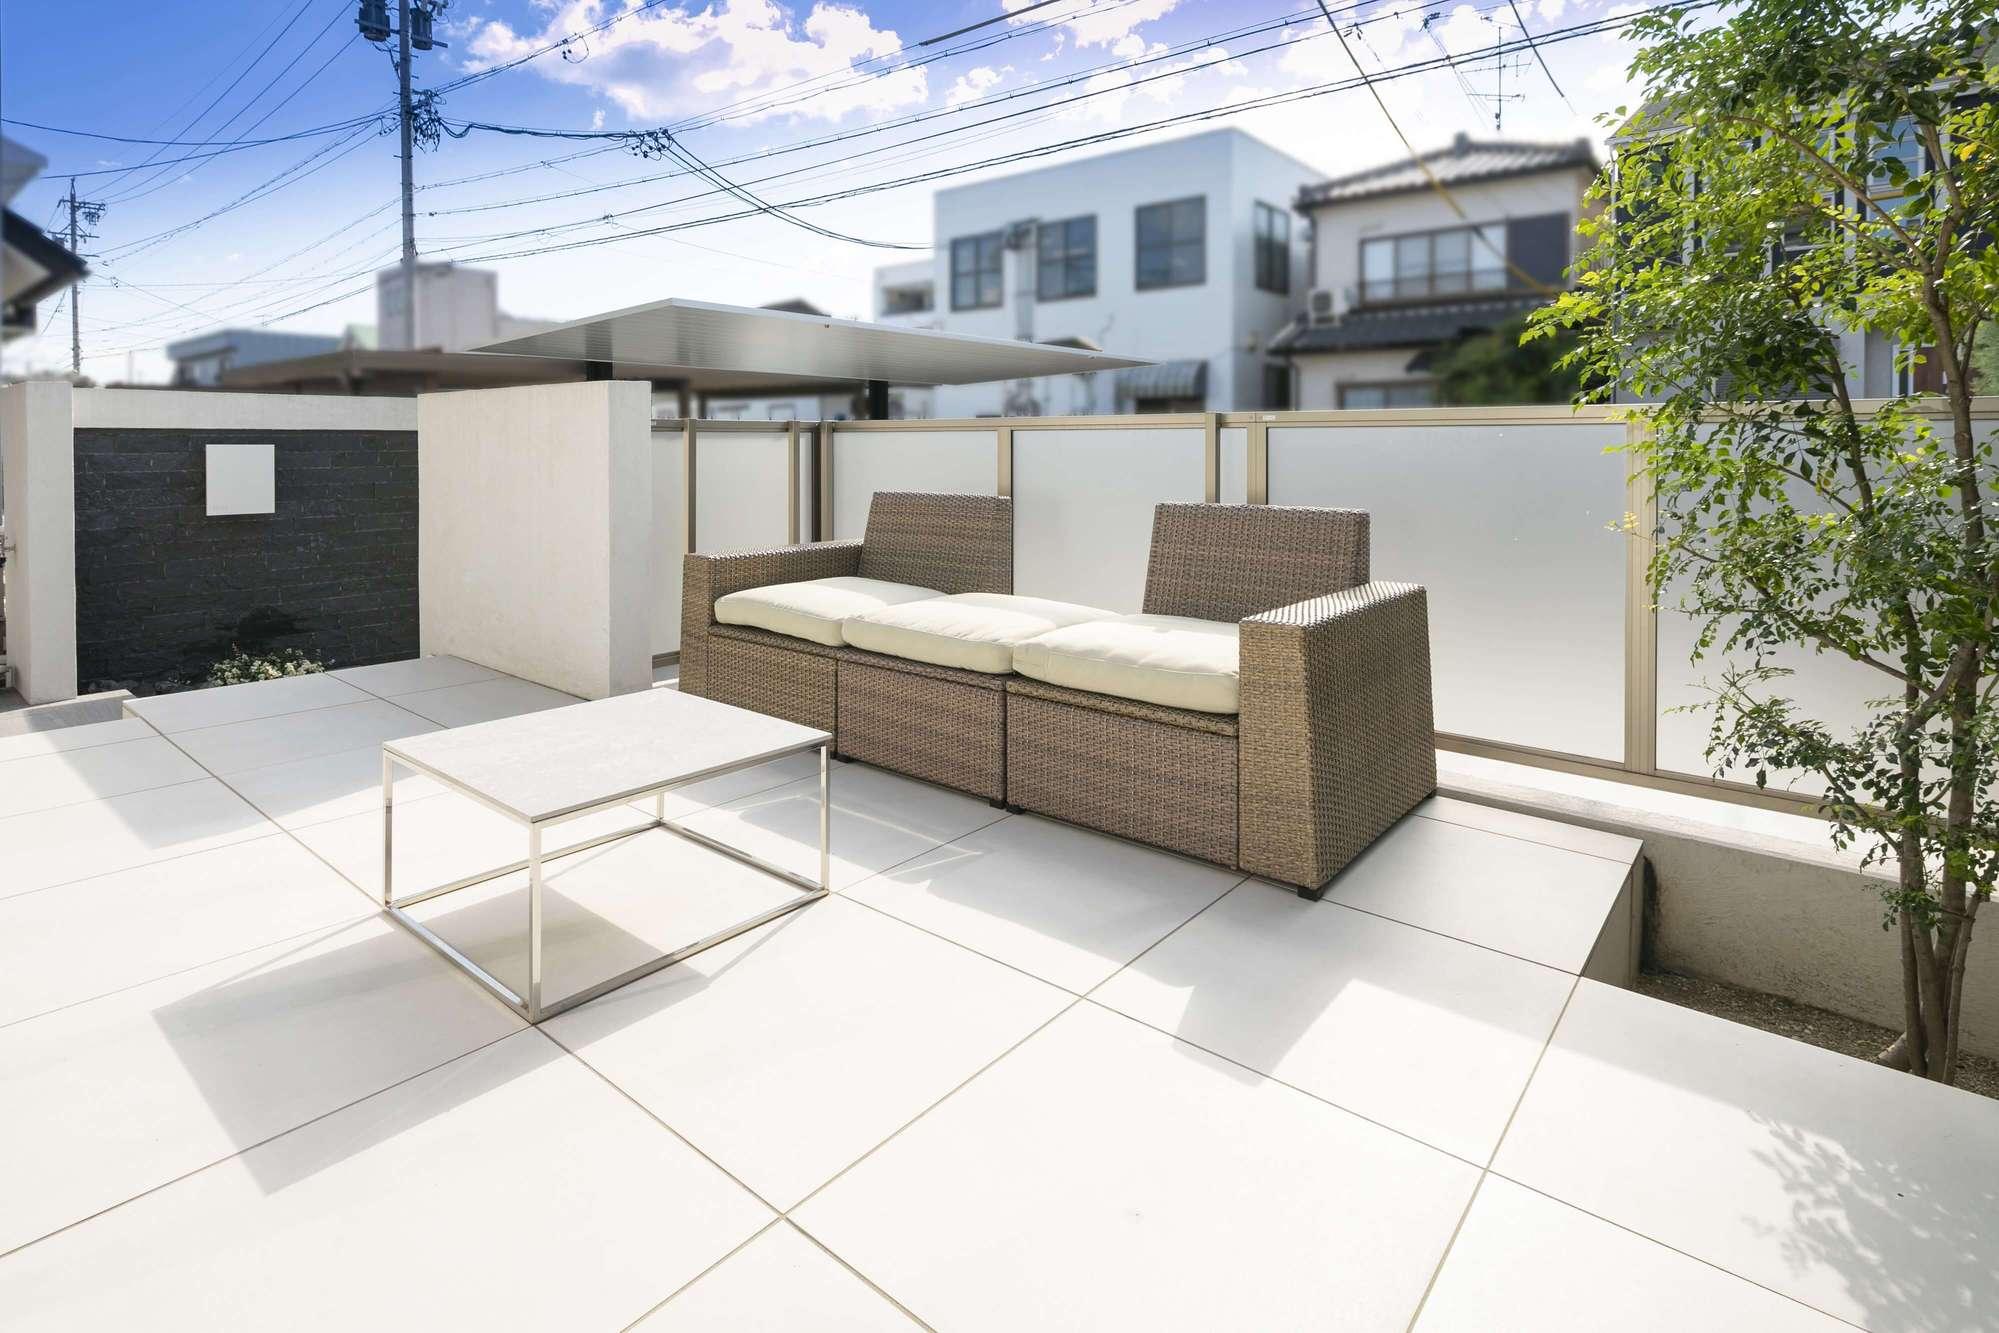 庭 ガーデン ラグジュアリー リビングガーデン タイルテラス